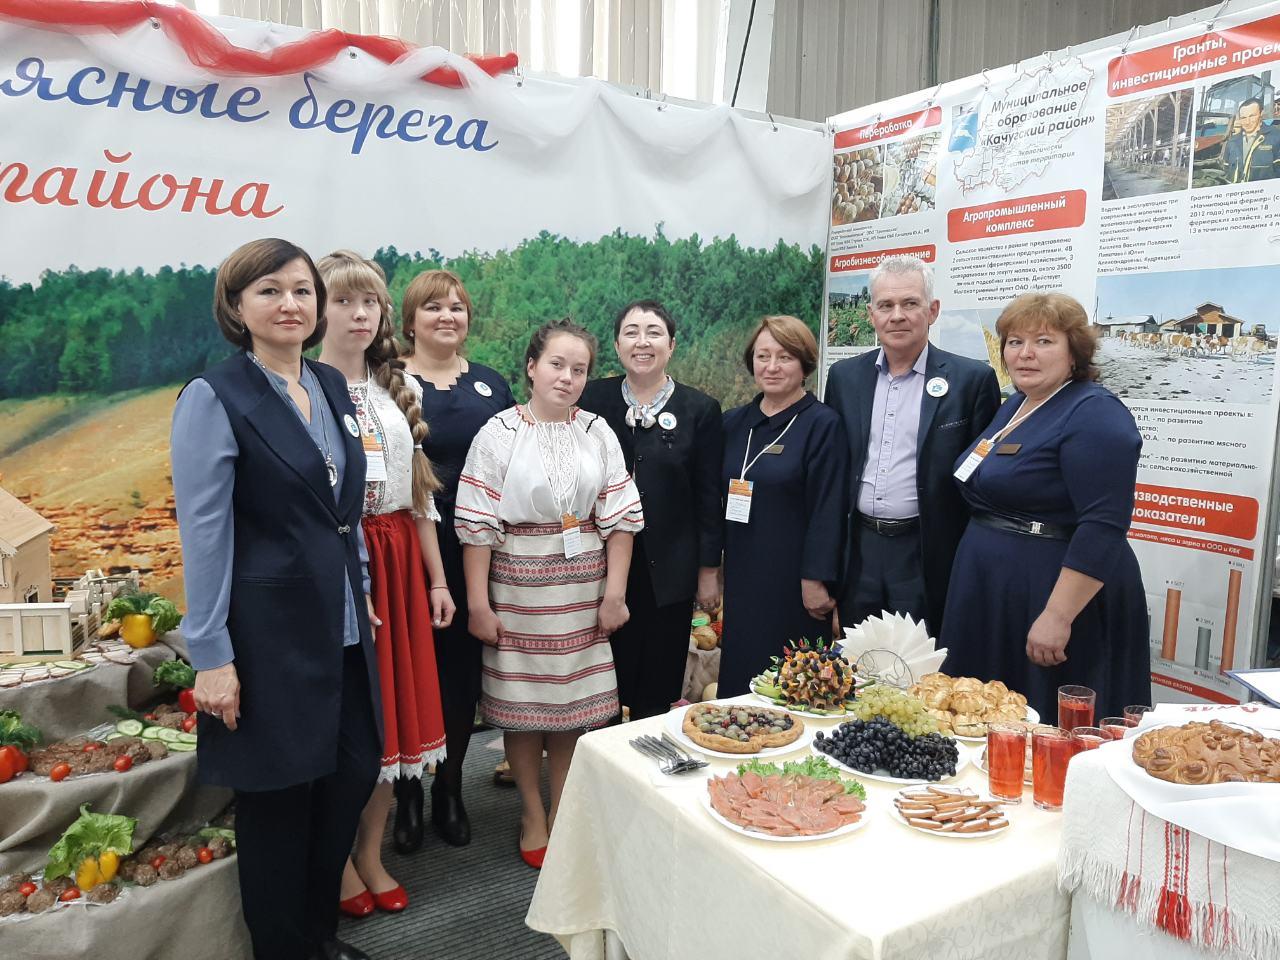 Сибэкспоцентр. Агропромышленная неделя в Иркутске.